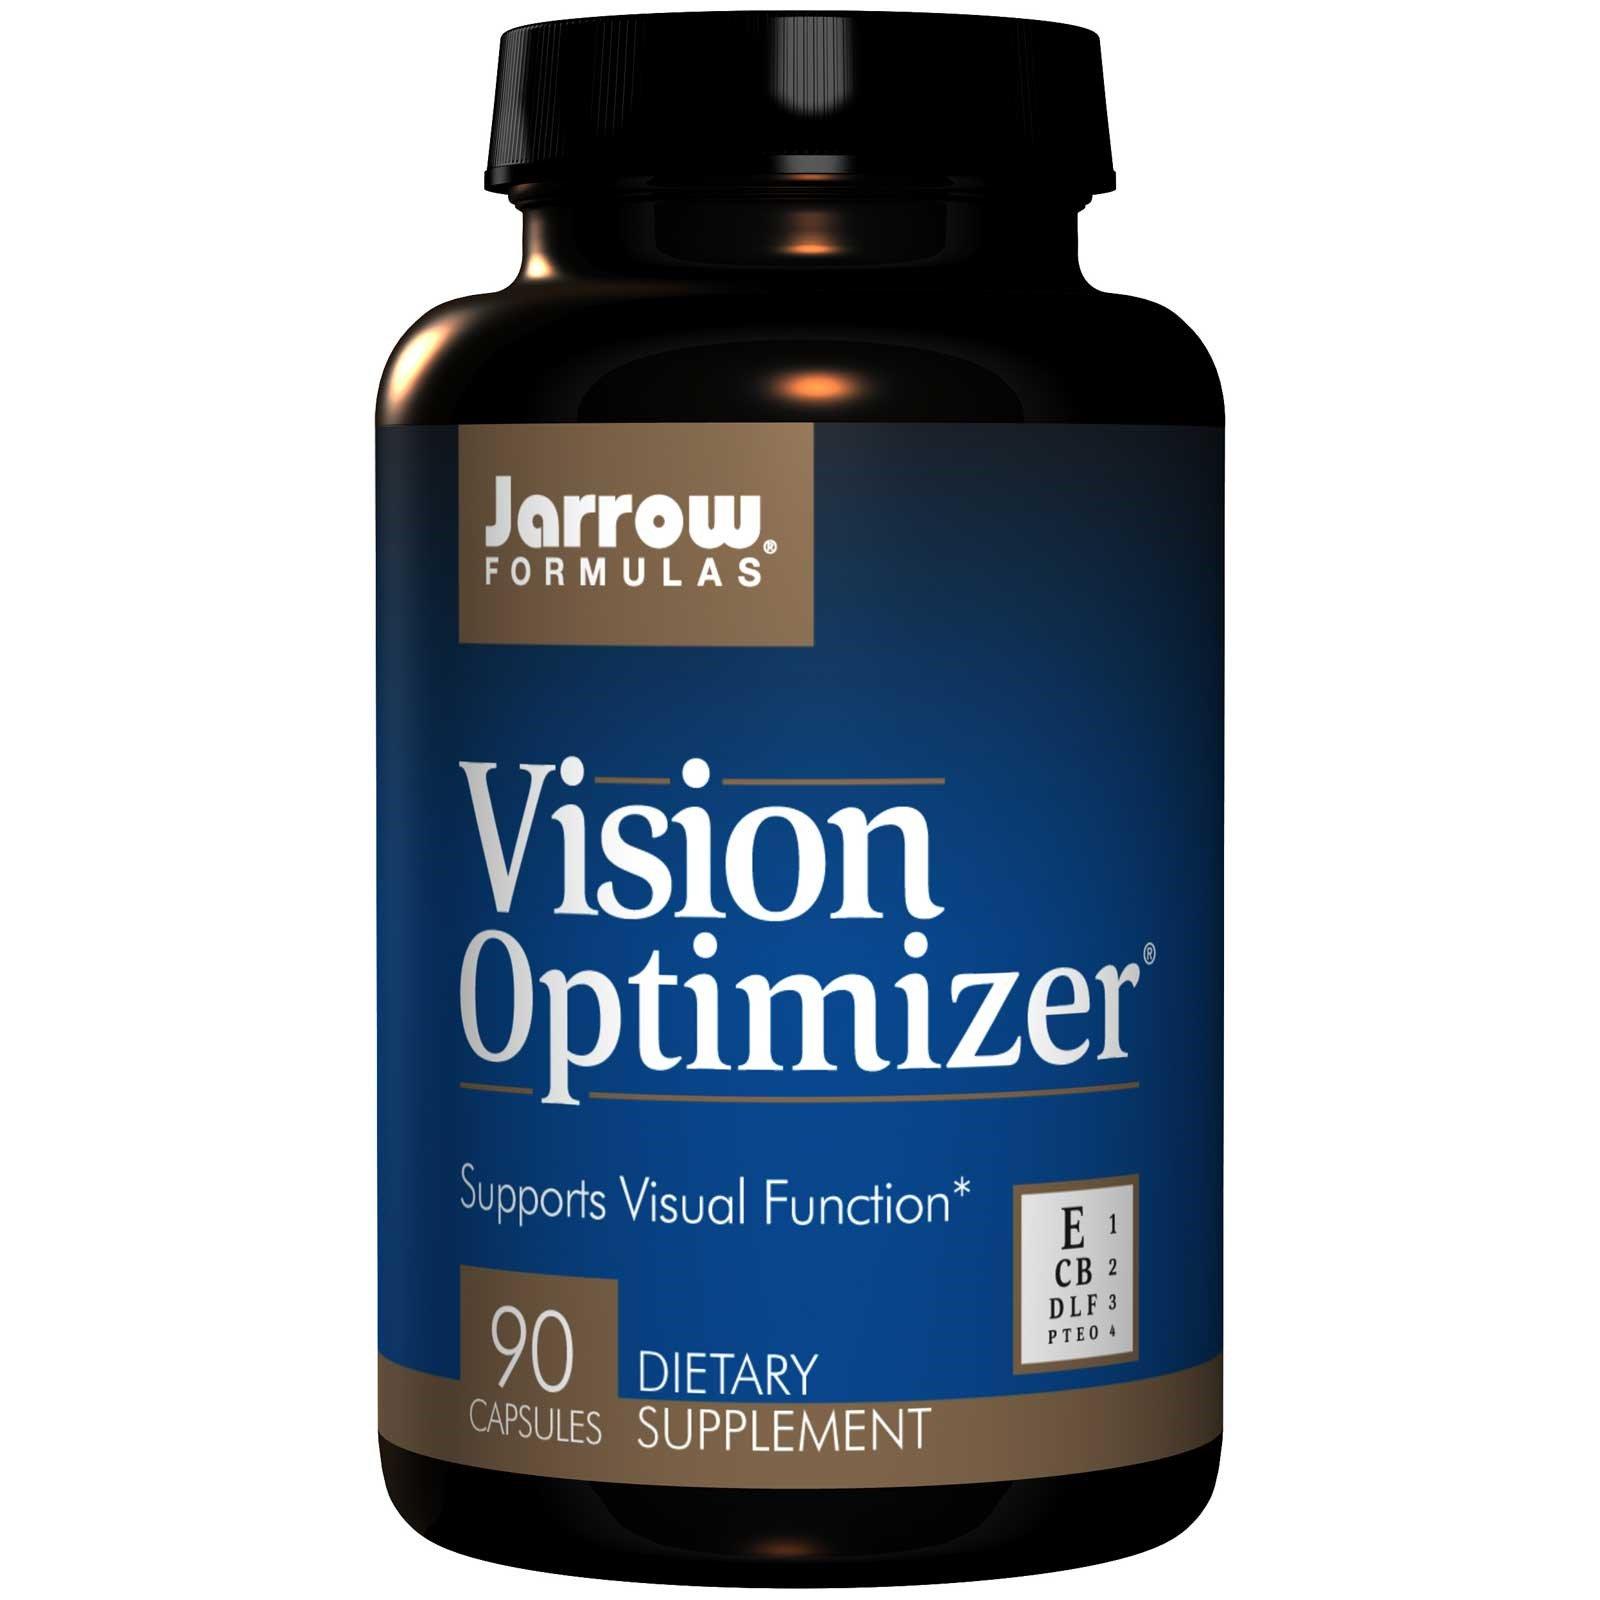 Vision Optimizer (90 Capsules) Jarrow Formulas